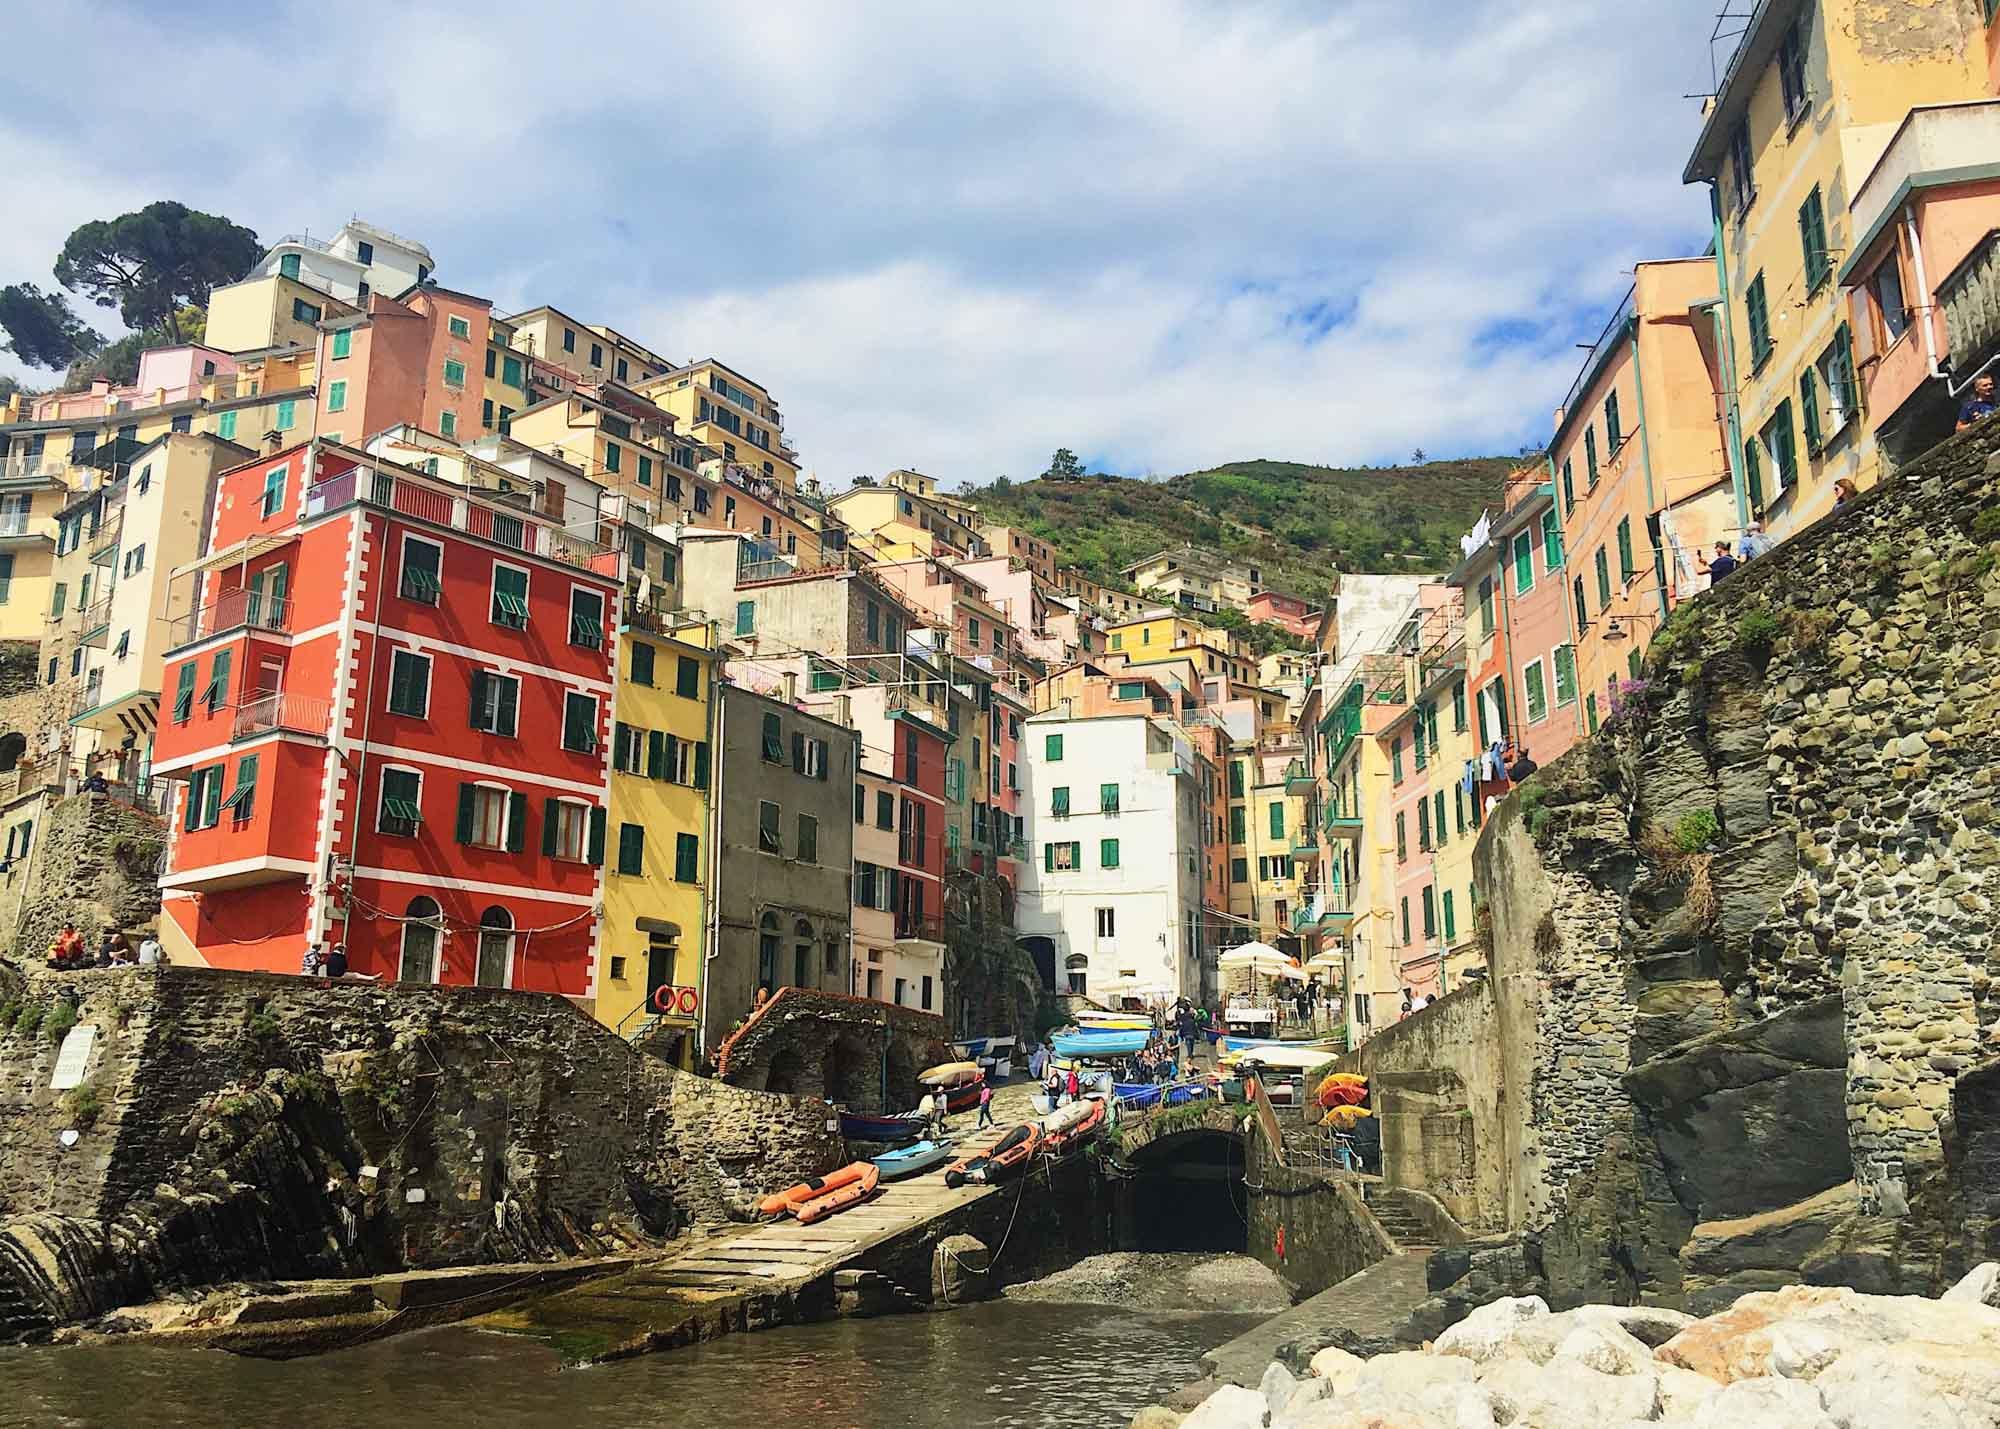 Europe Road Trip - Cinque Terre, Riomaggiore